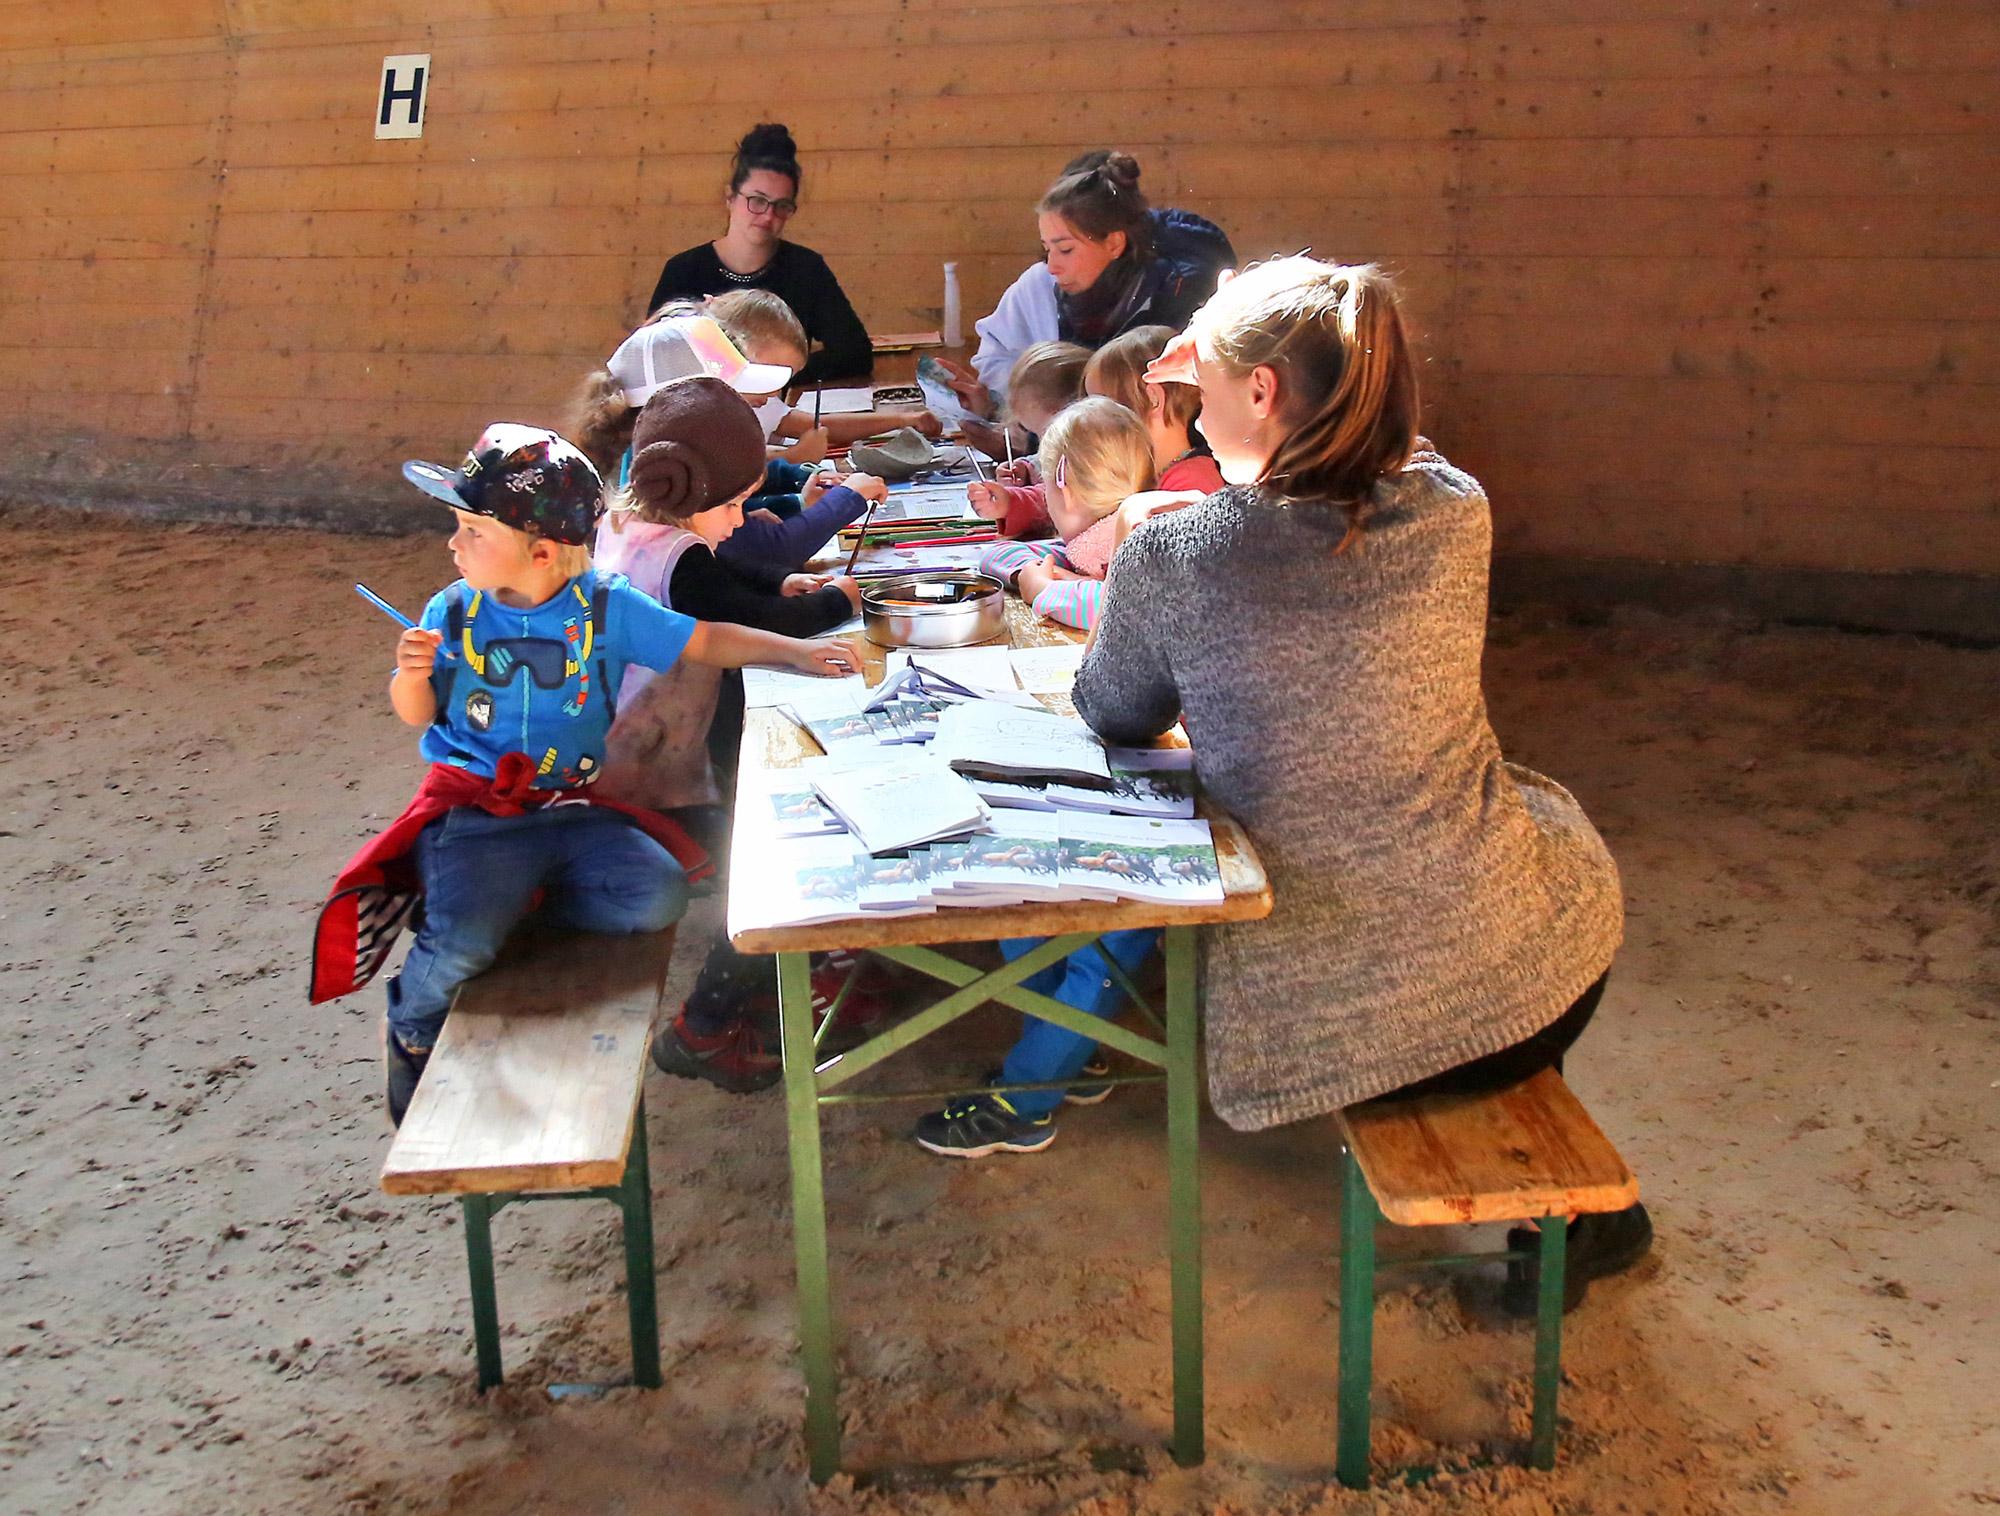 Saechsischer_Kindertag_2021_Schwalbenstation Fotografin Brit Placzek